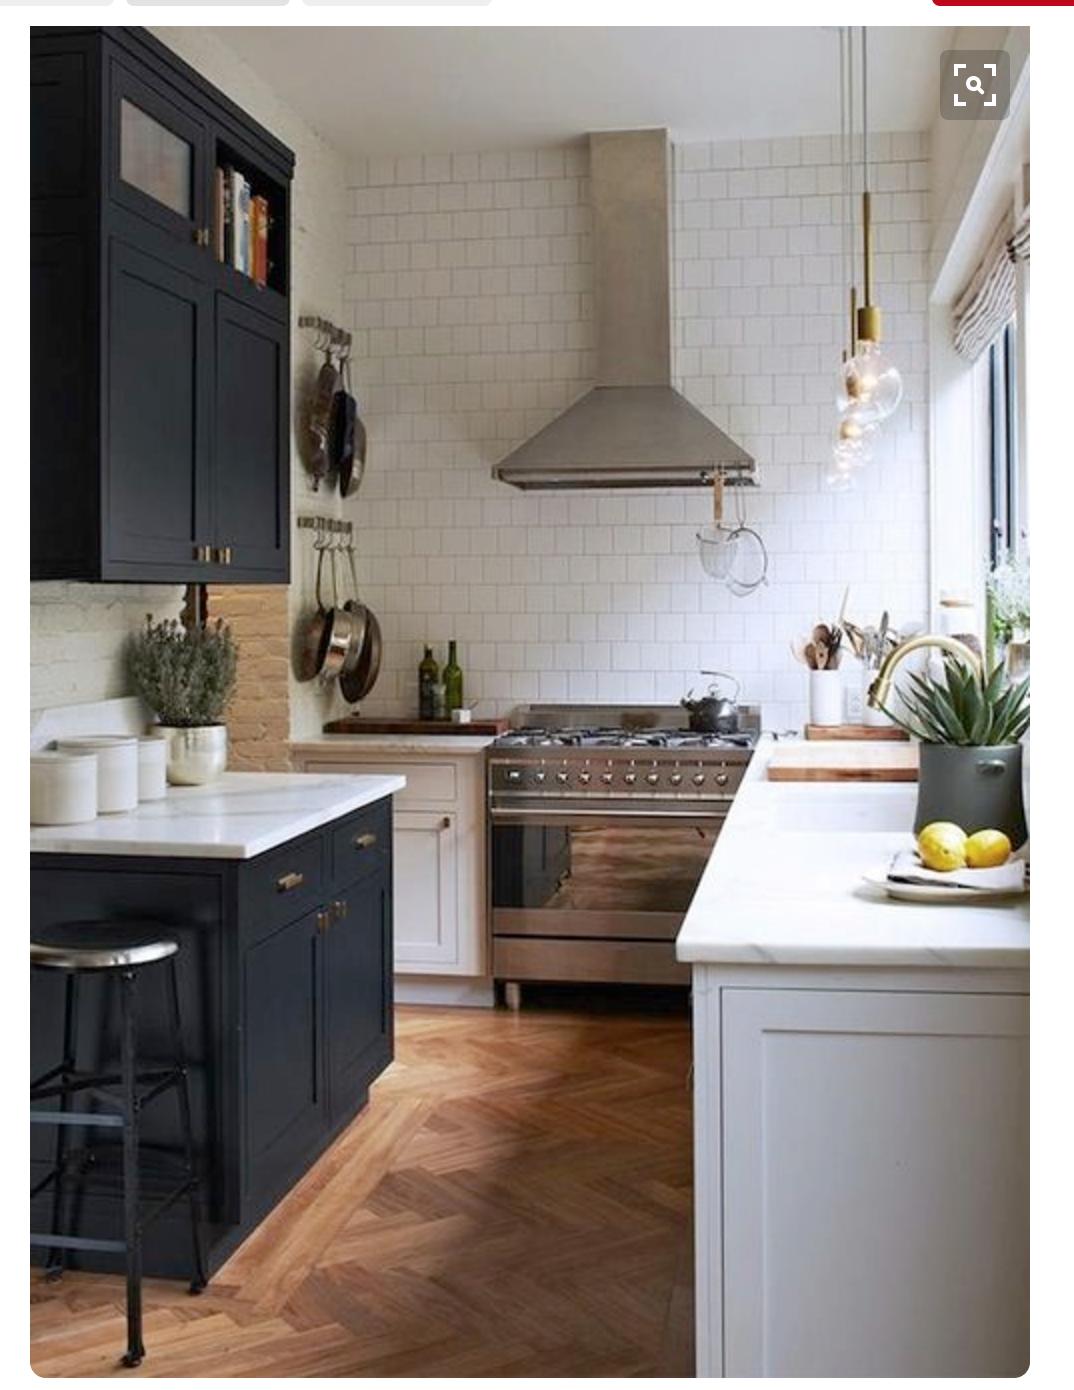 Pin von House. Biz. Style. auf Contemporary Cool | Pinterest